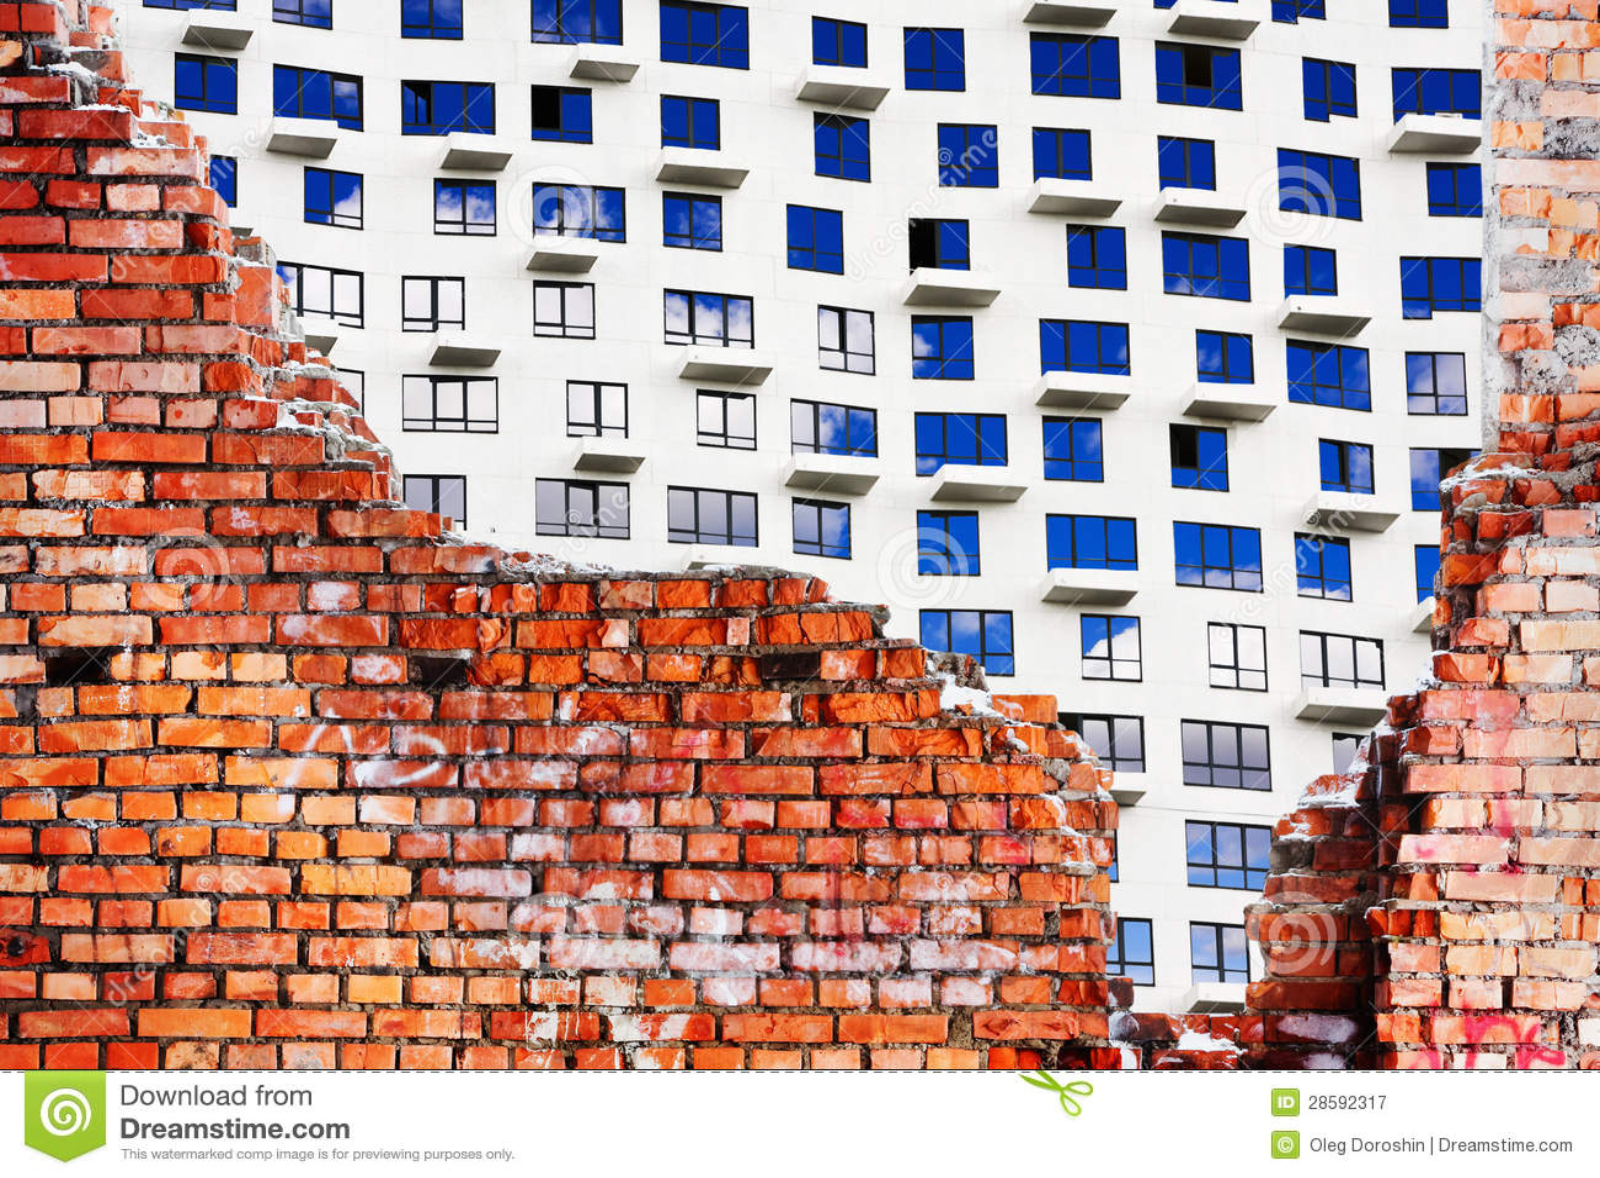 Een Nieuw Huis : Oude vernietigde bakstenen muur van het gebouw en een nieuw huis